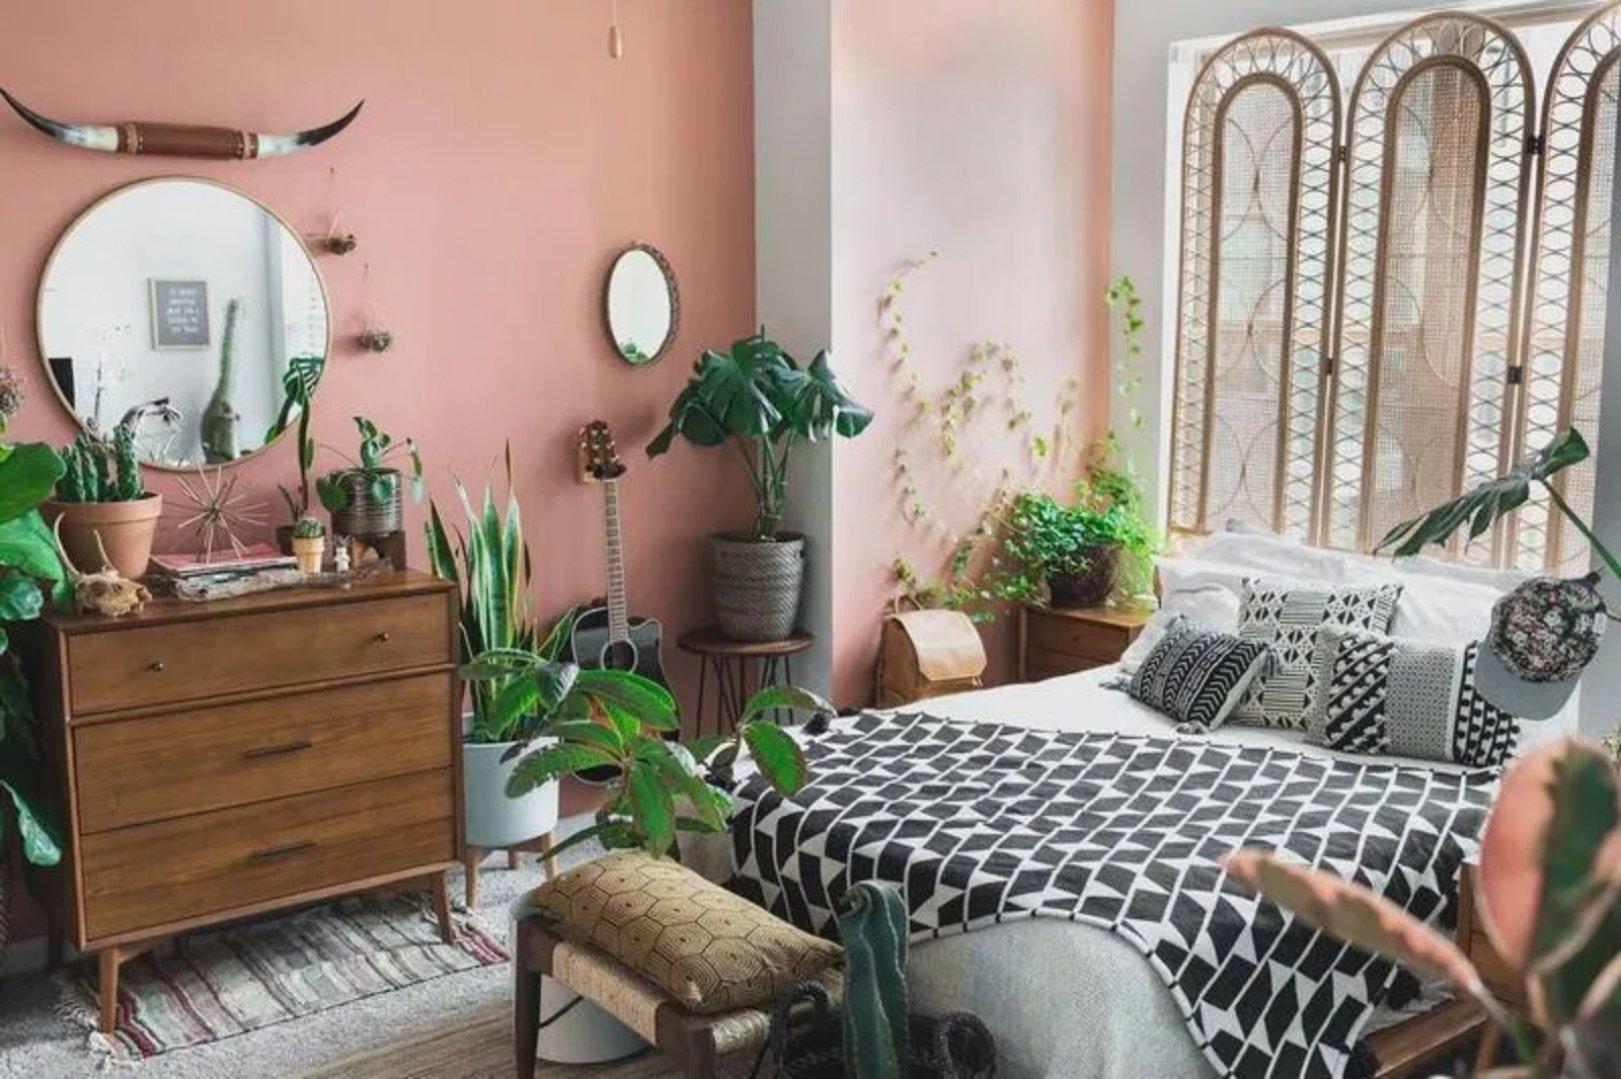 персиковый интерьер в бохо стиле